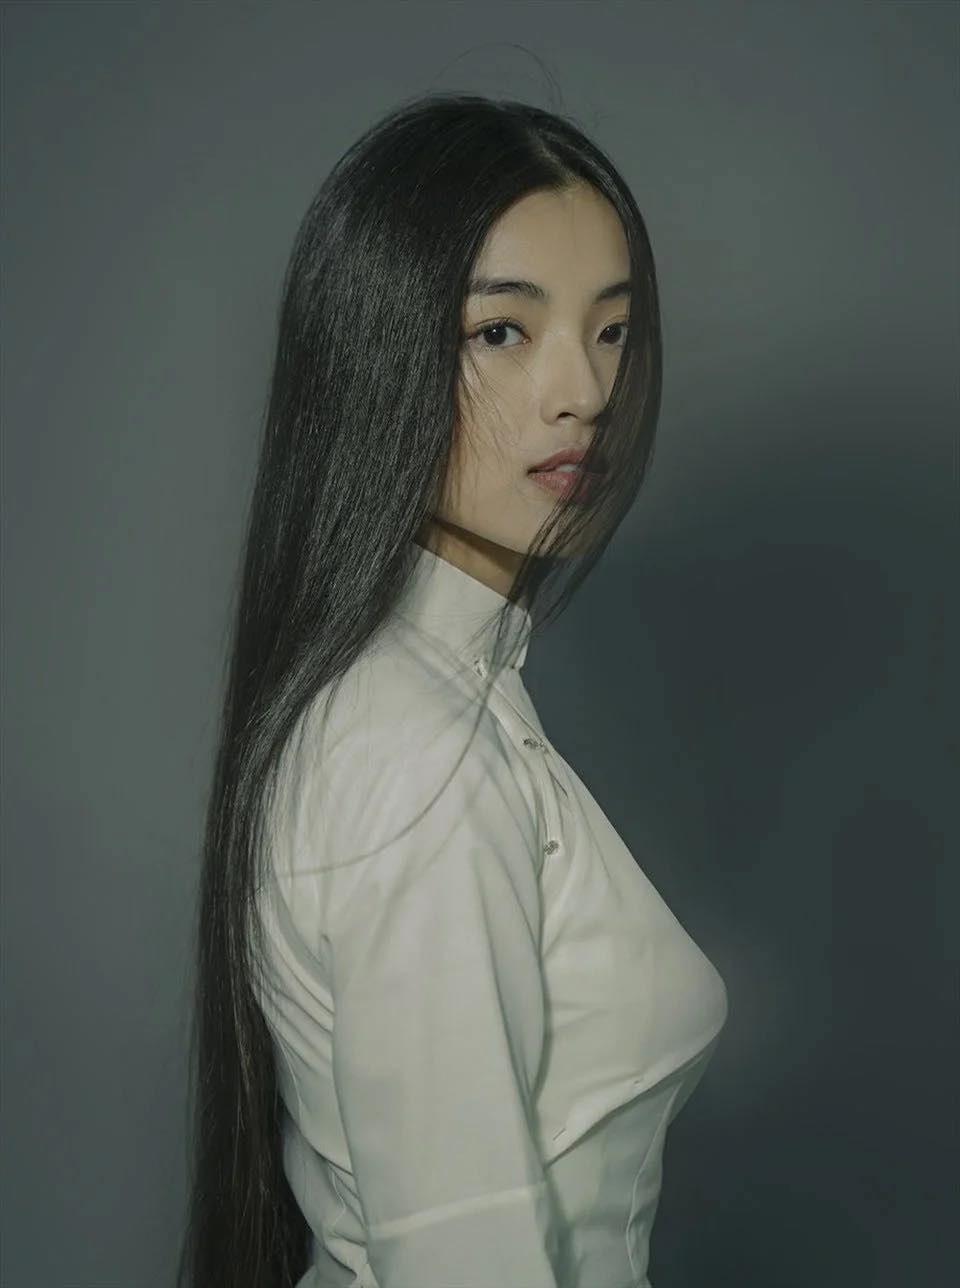 Nhan sắc những mỹ nhân từng vào vai người tình của Trịnh Công Sơn trên màn ảnh - Ảnh 6.